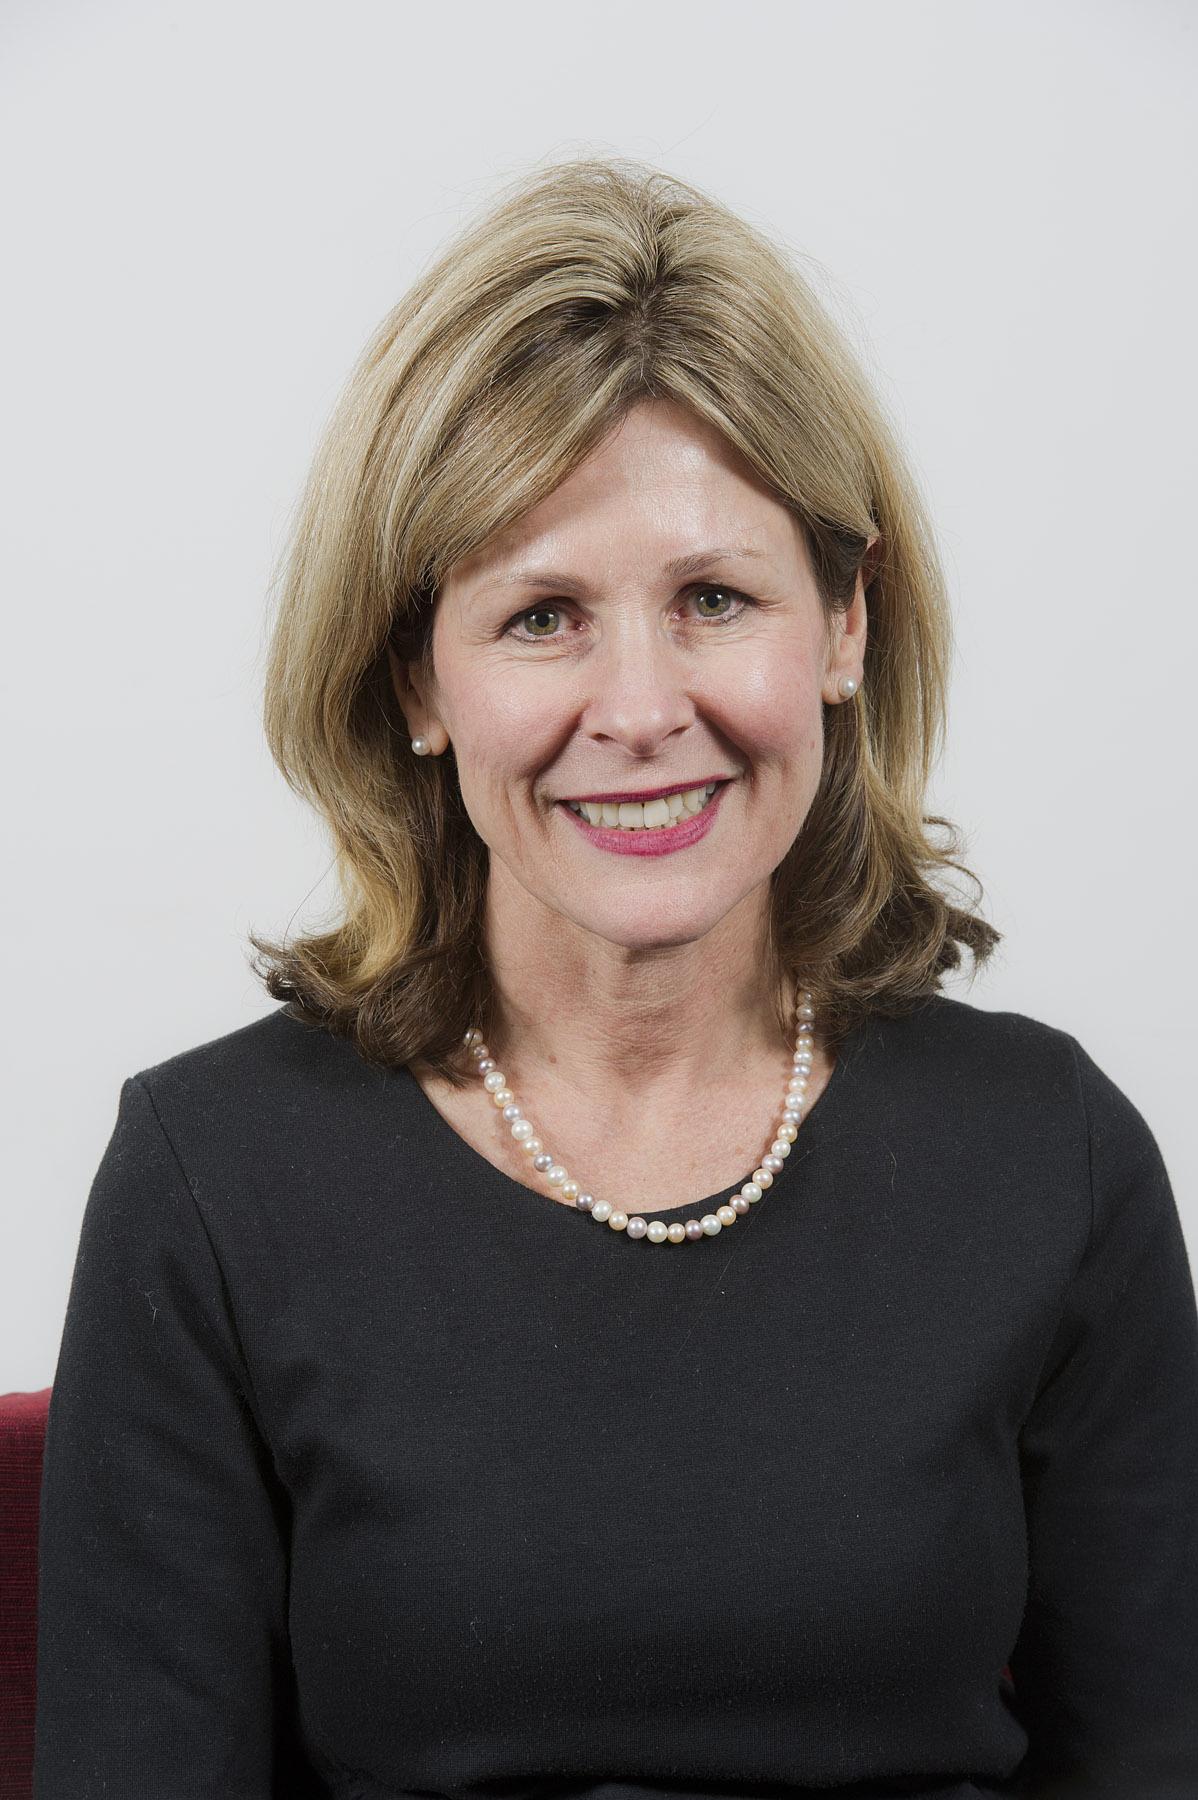 Julia Frederico, BA, LLB, MBA